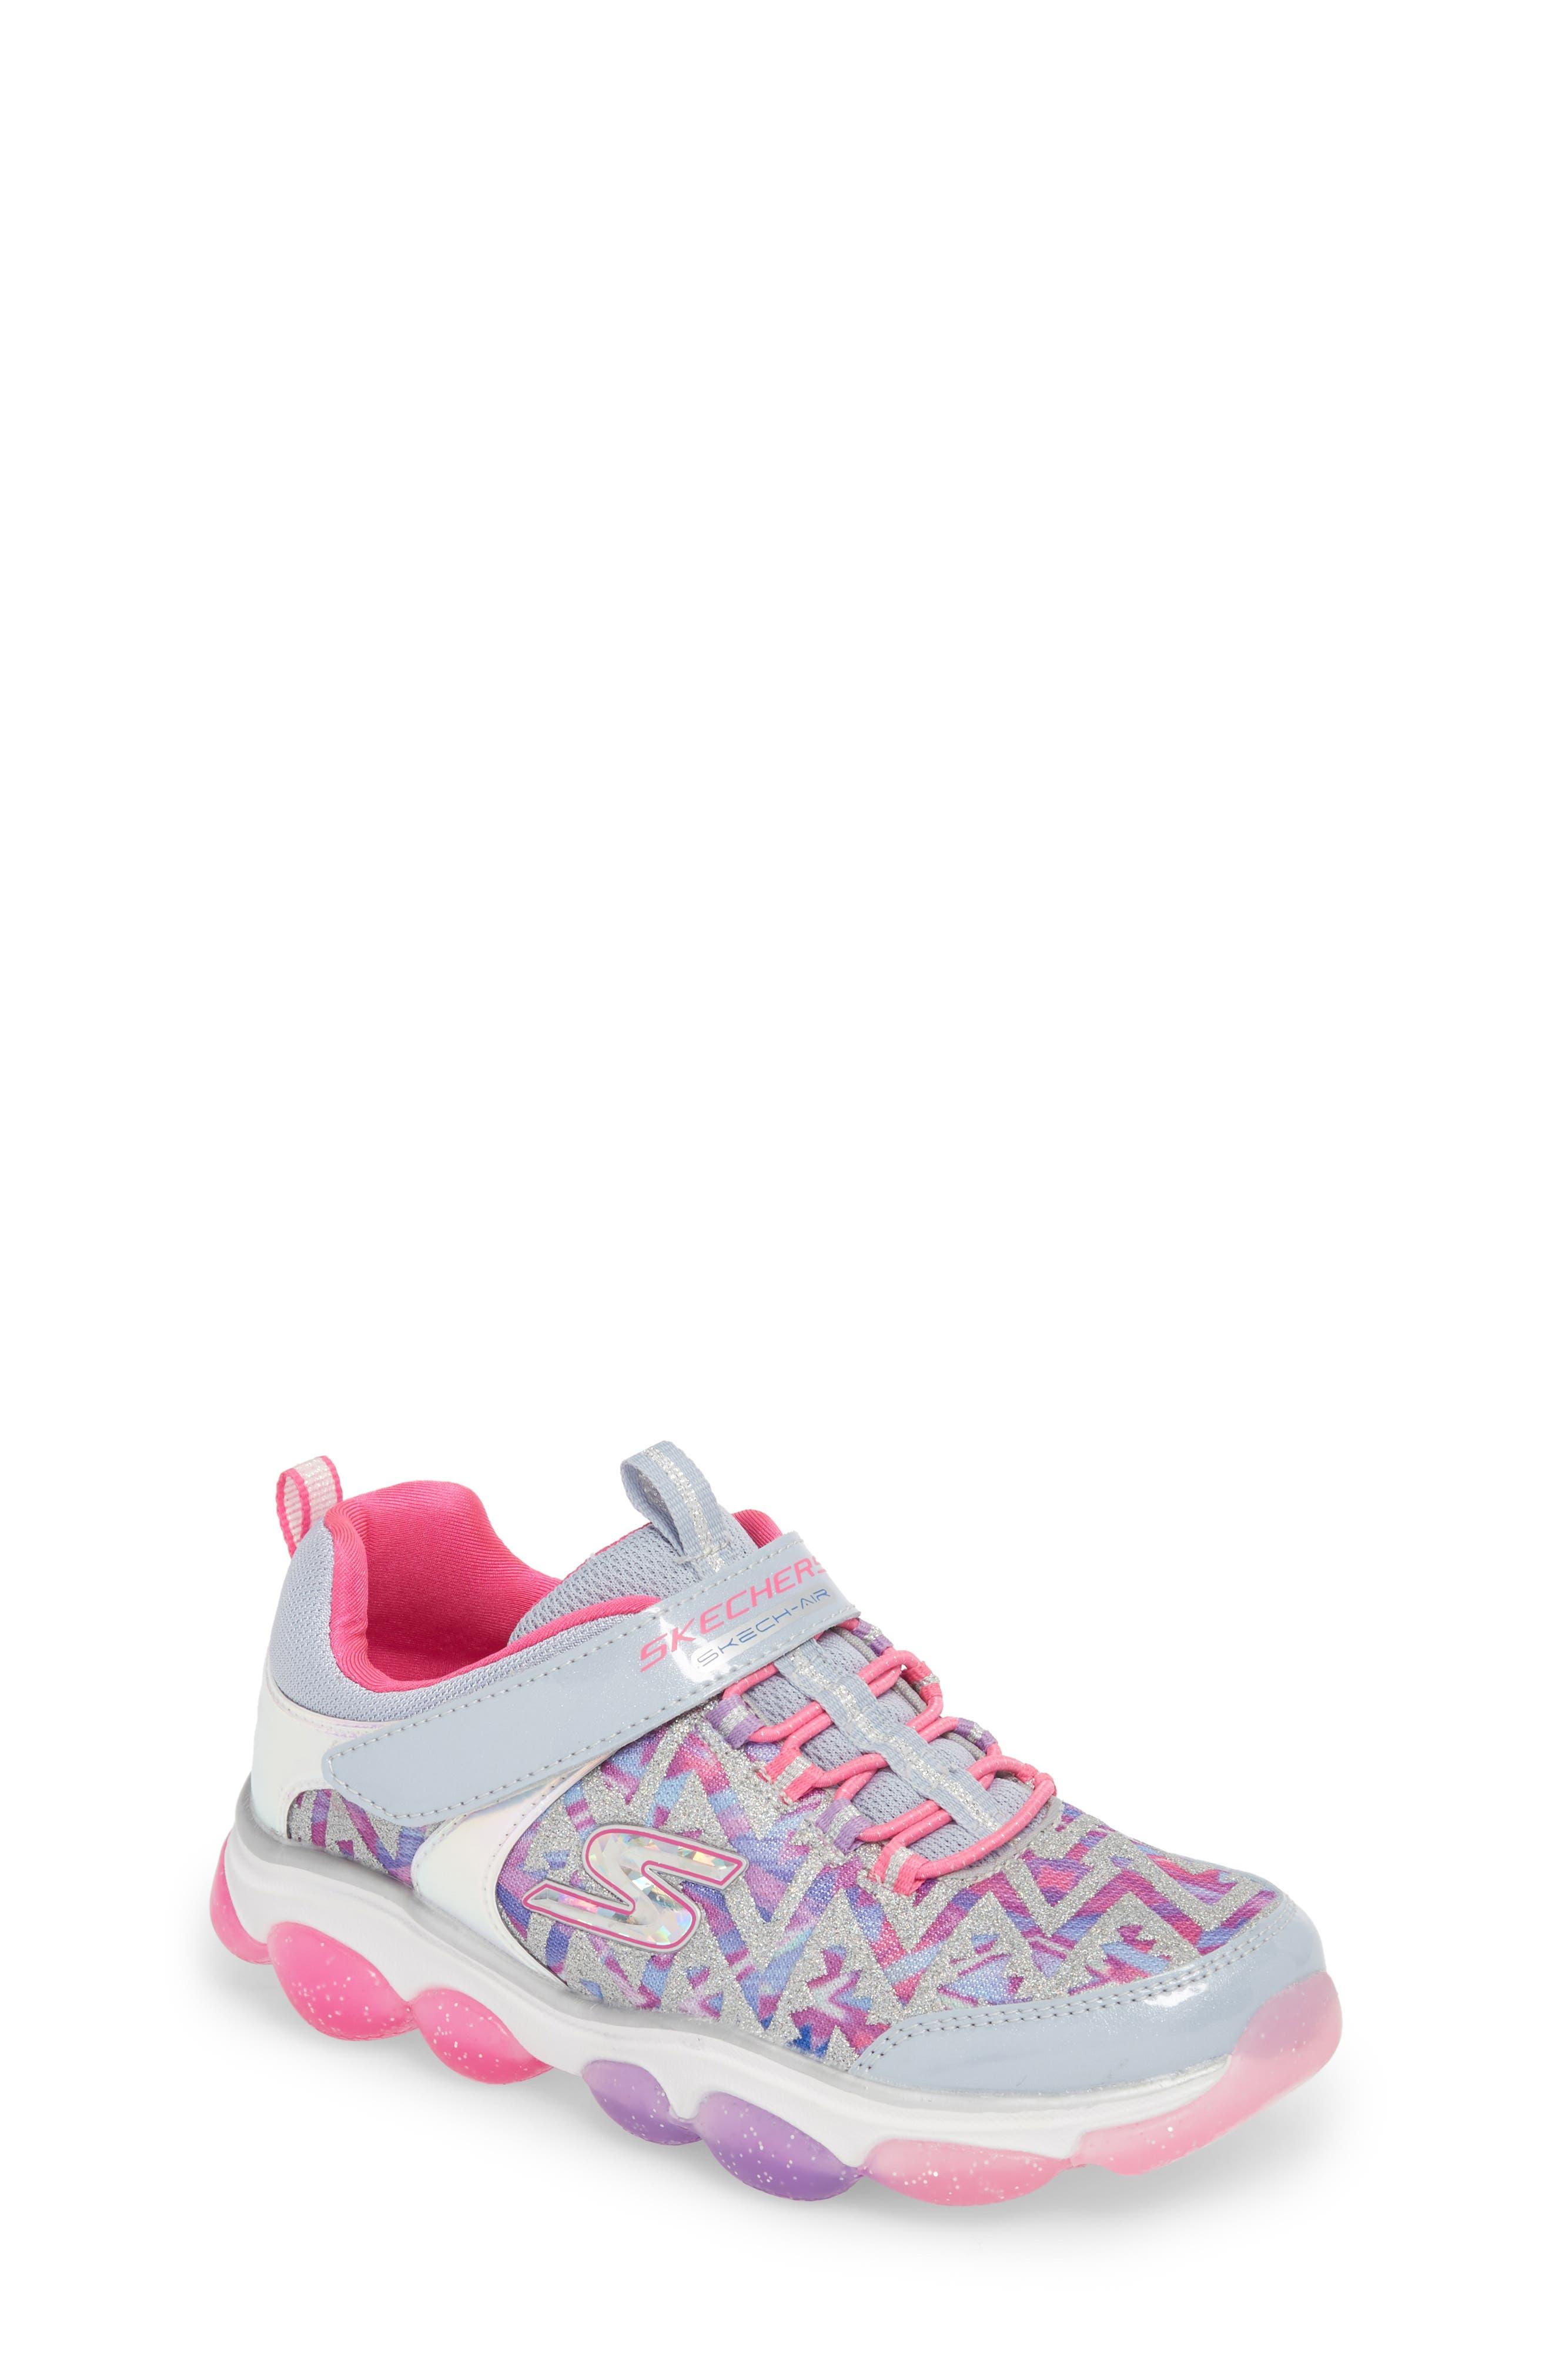 SKECHERS Skech-Air Groove Glitter N Go Sneakers (Toddler, Little Kid & Big Kid)